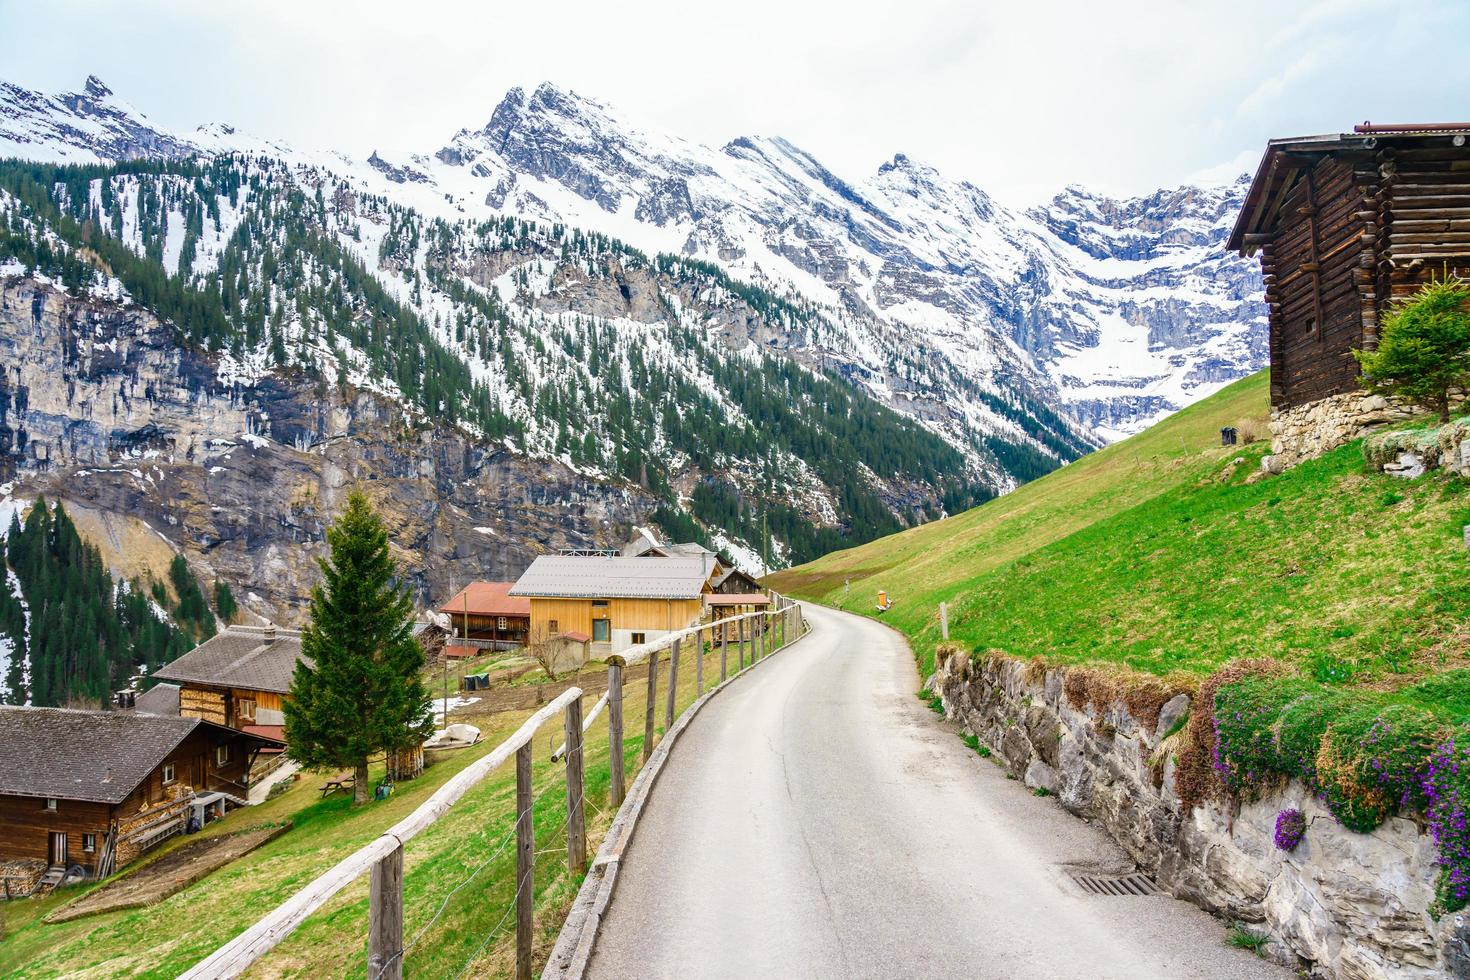 die alpen bei gimmelwald und murren in der schweiz foto